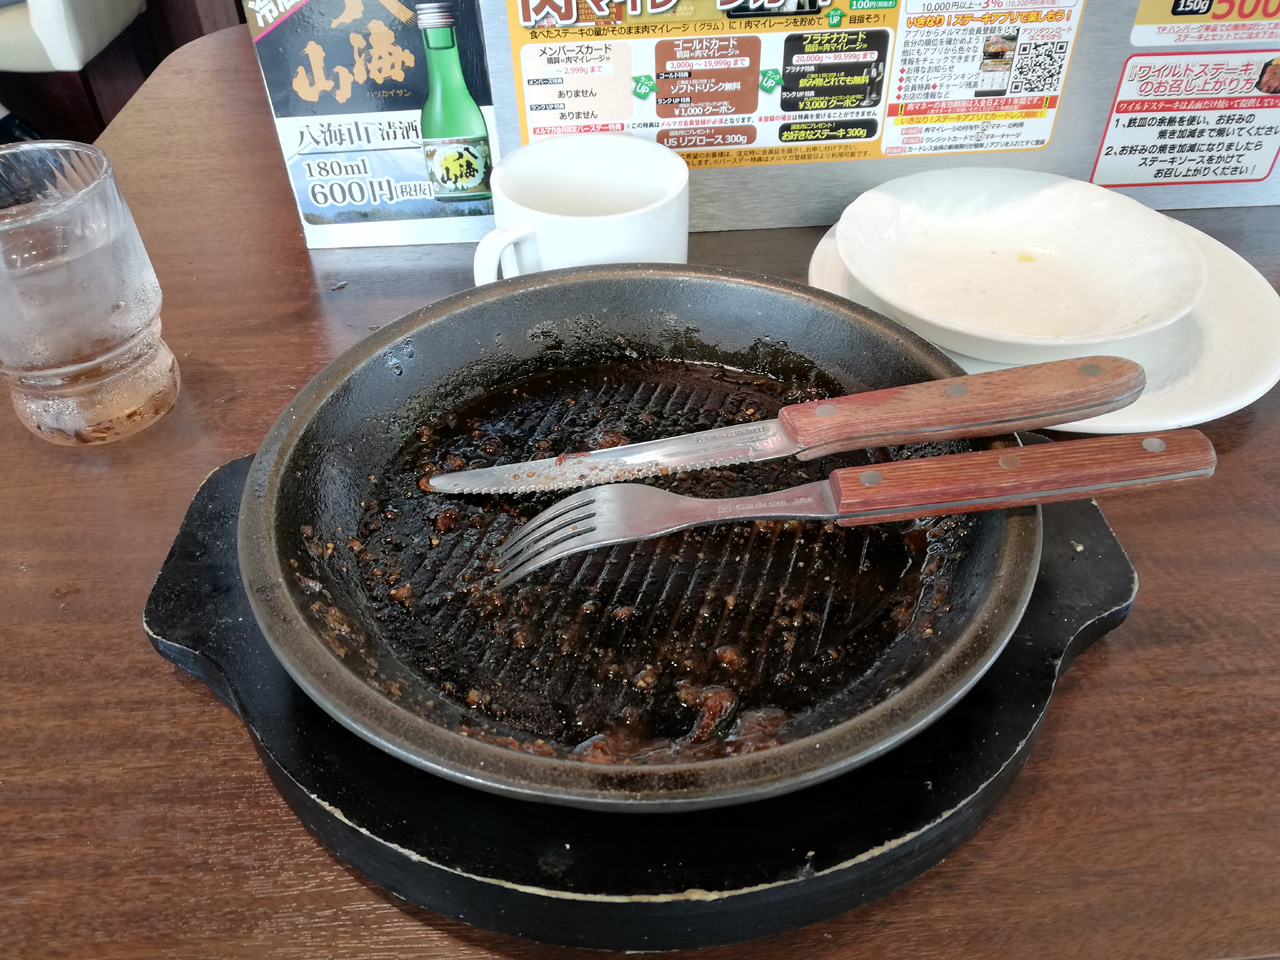 ワイルドステーキ完食